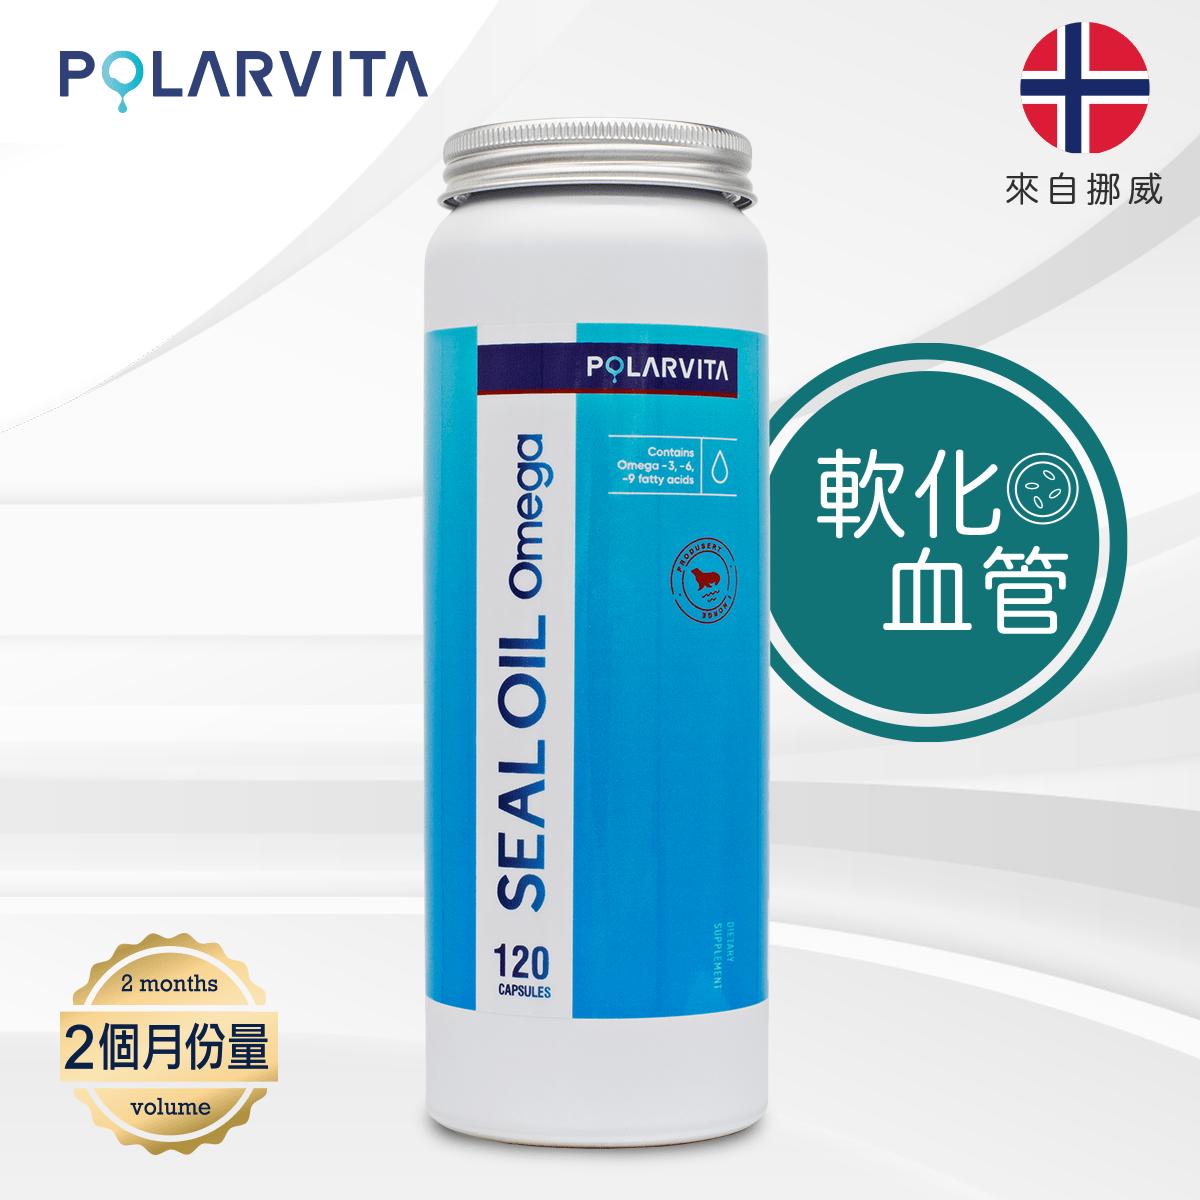 Polarvita 海豹油膠囊 120粒